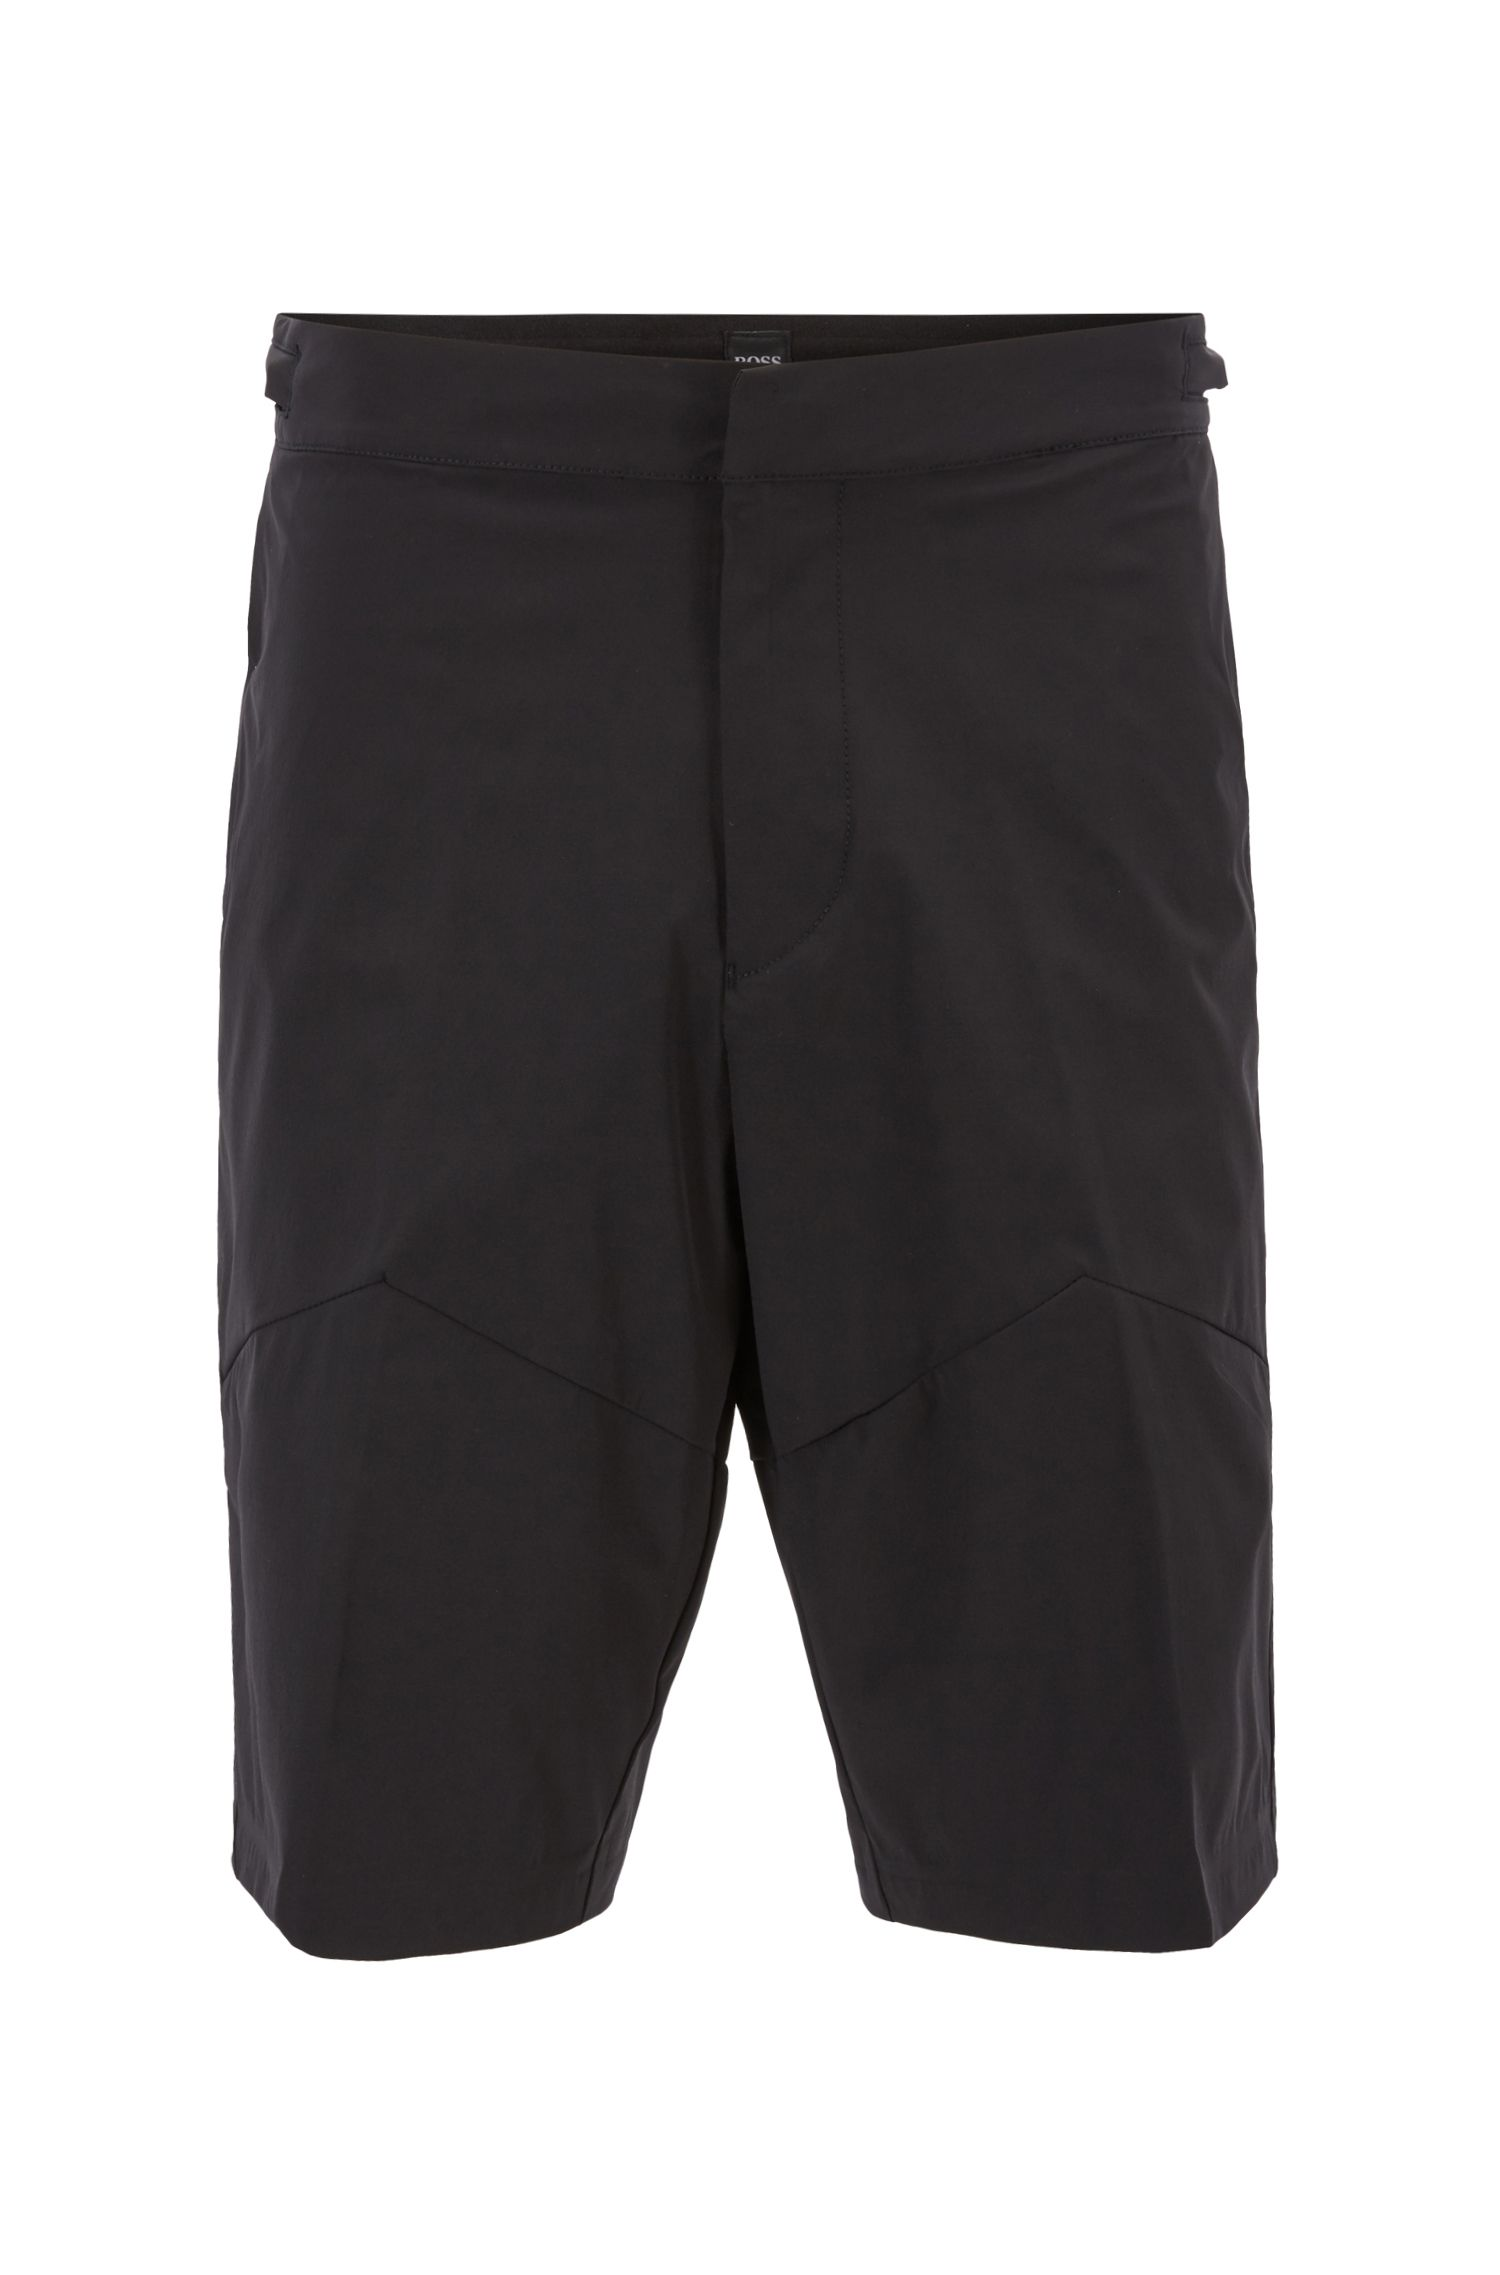 Shorts polivalentes slim fit en tejido elástico con microestructura, Negro